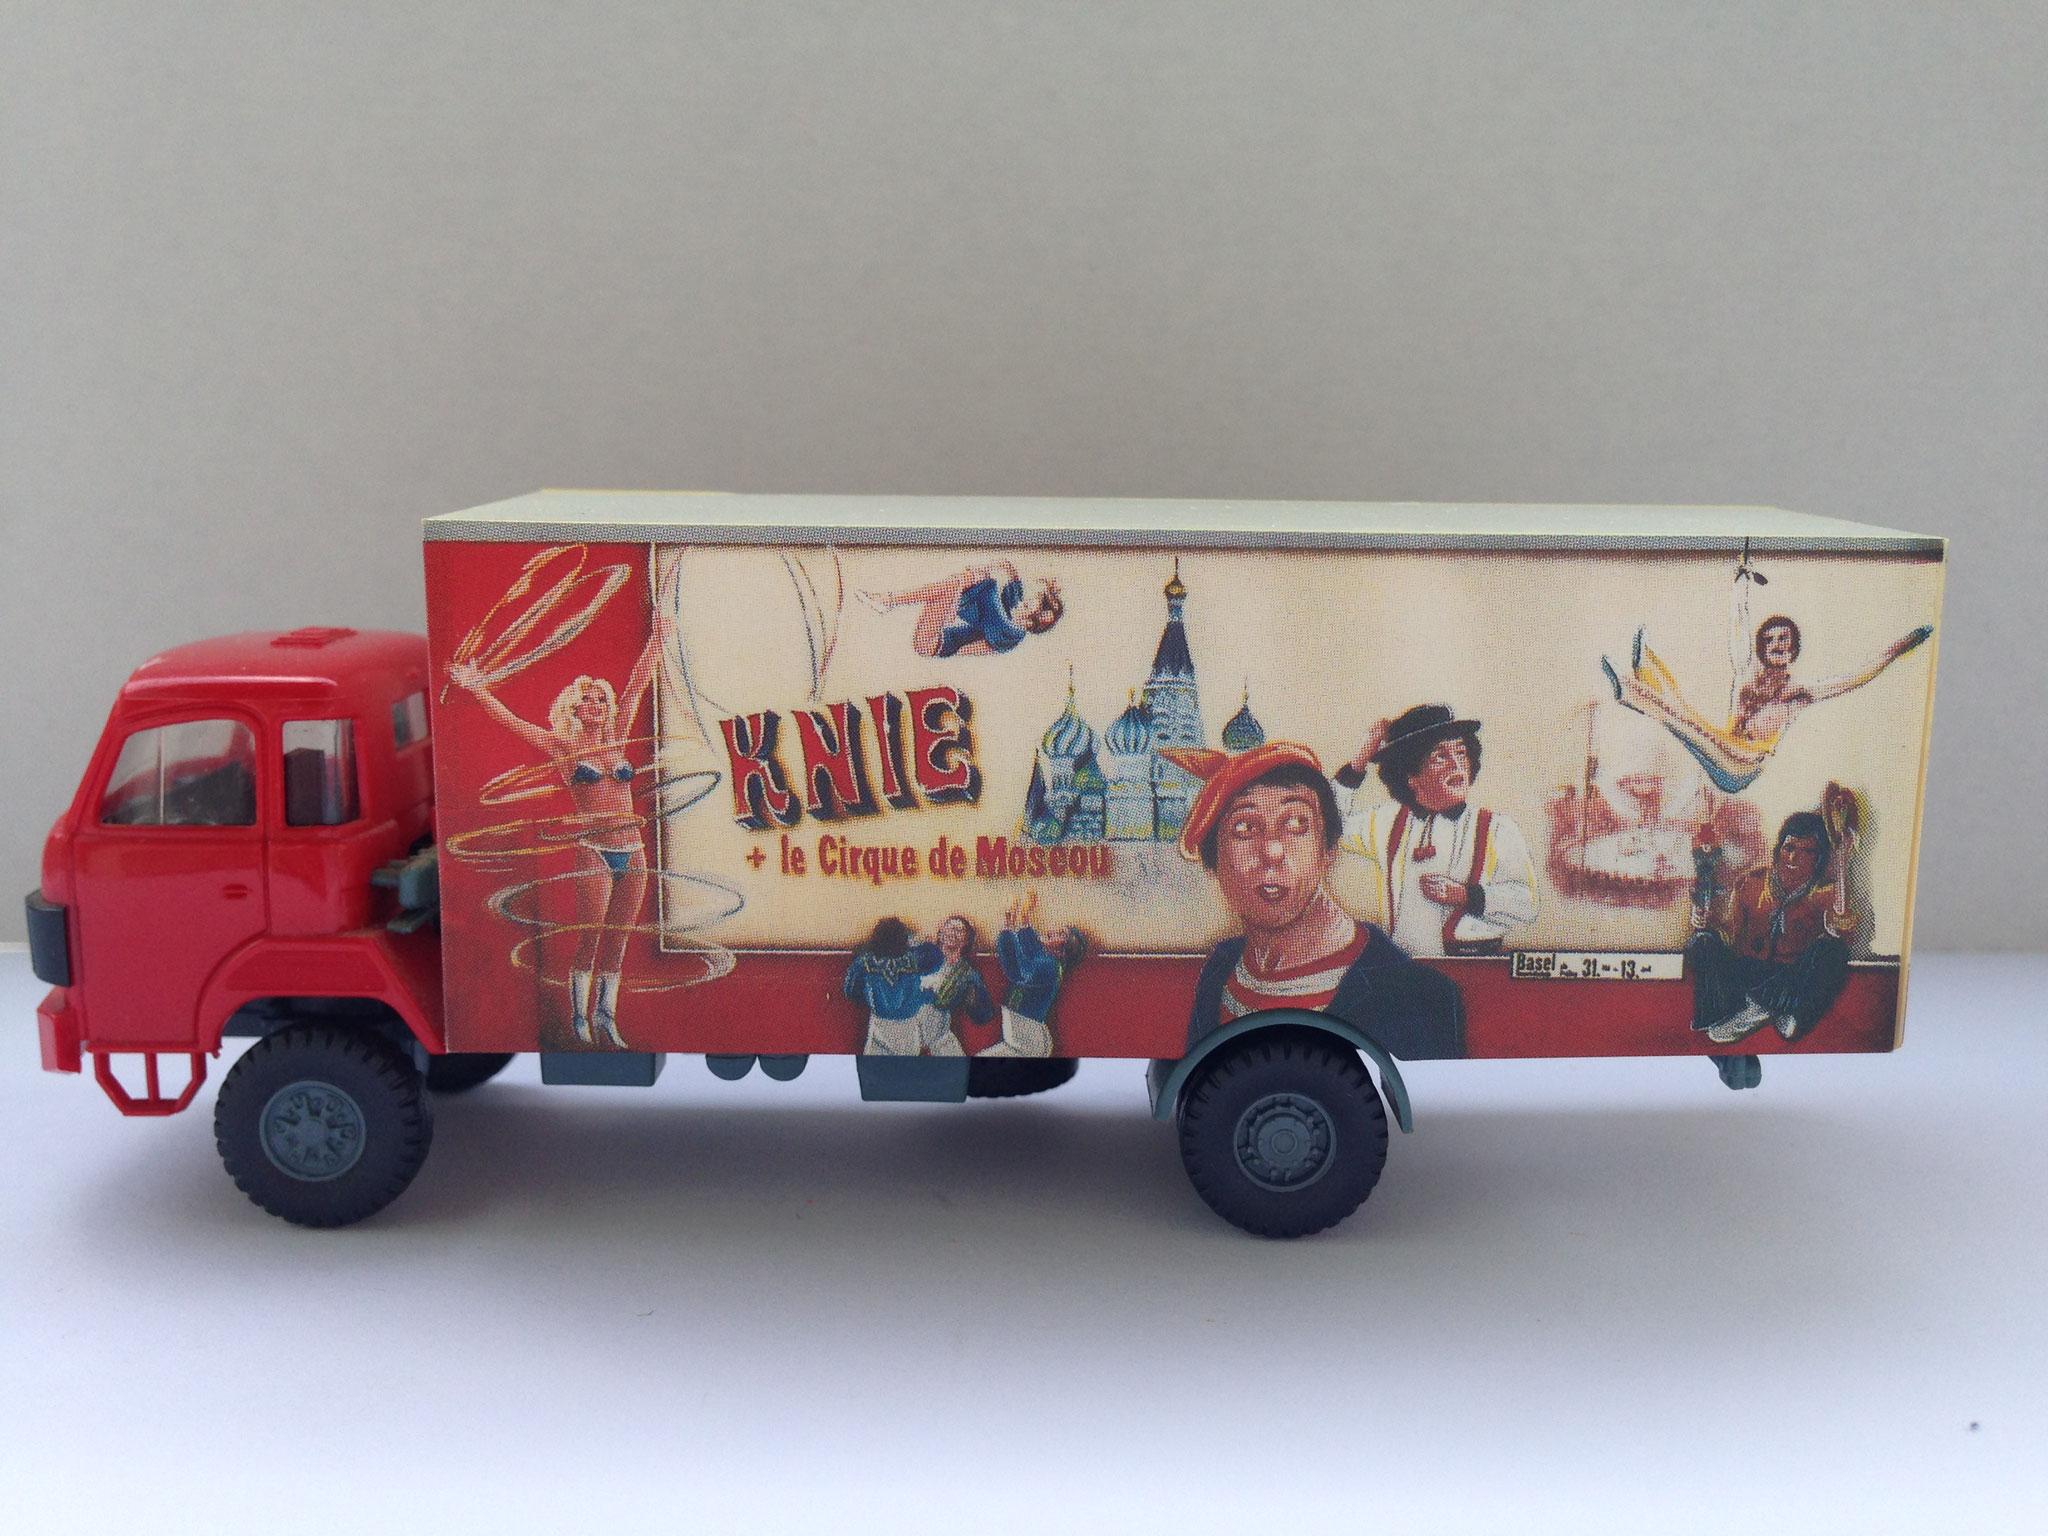 Zirkus KNIE 1985 (Moskau), Art. Nr. 20708